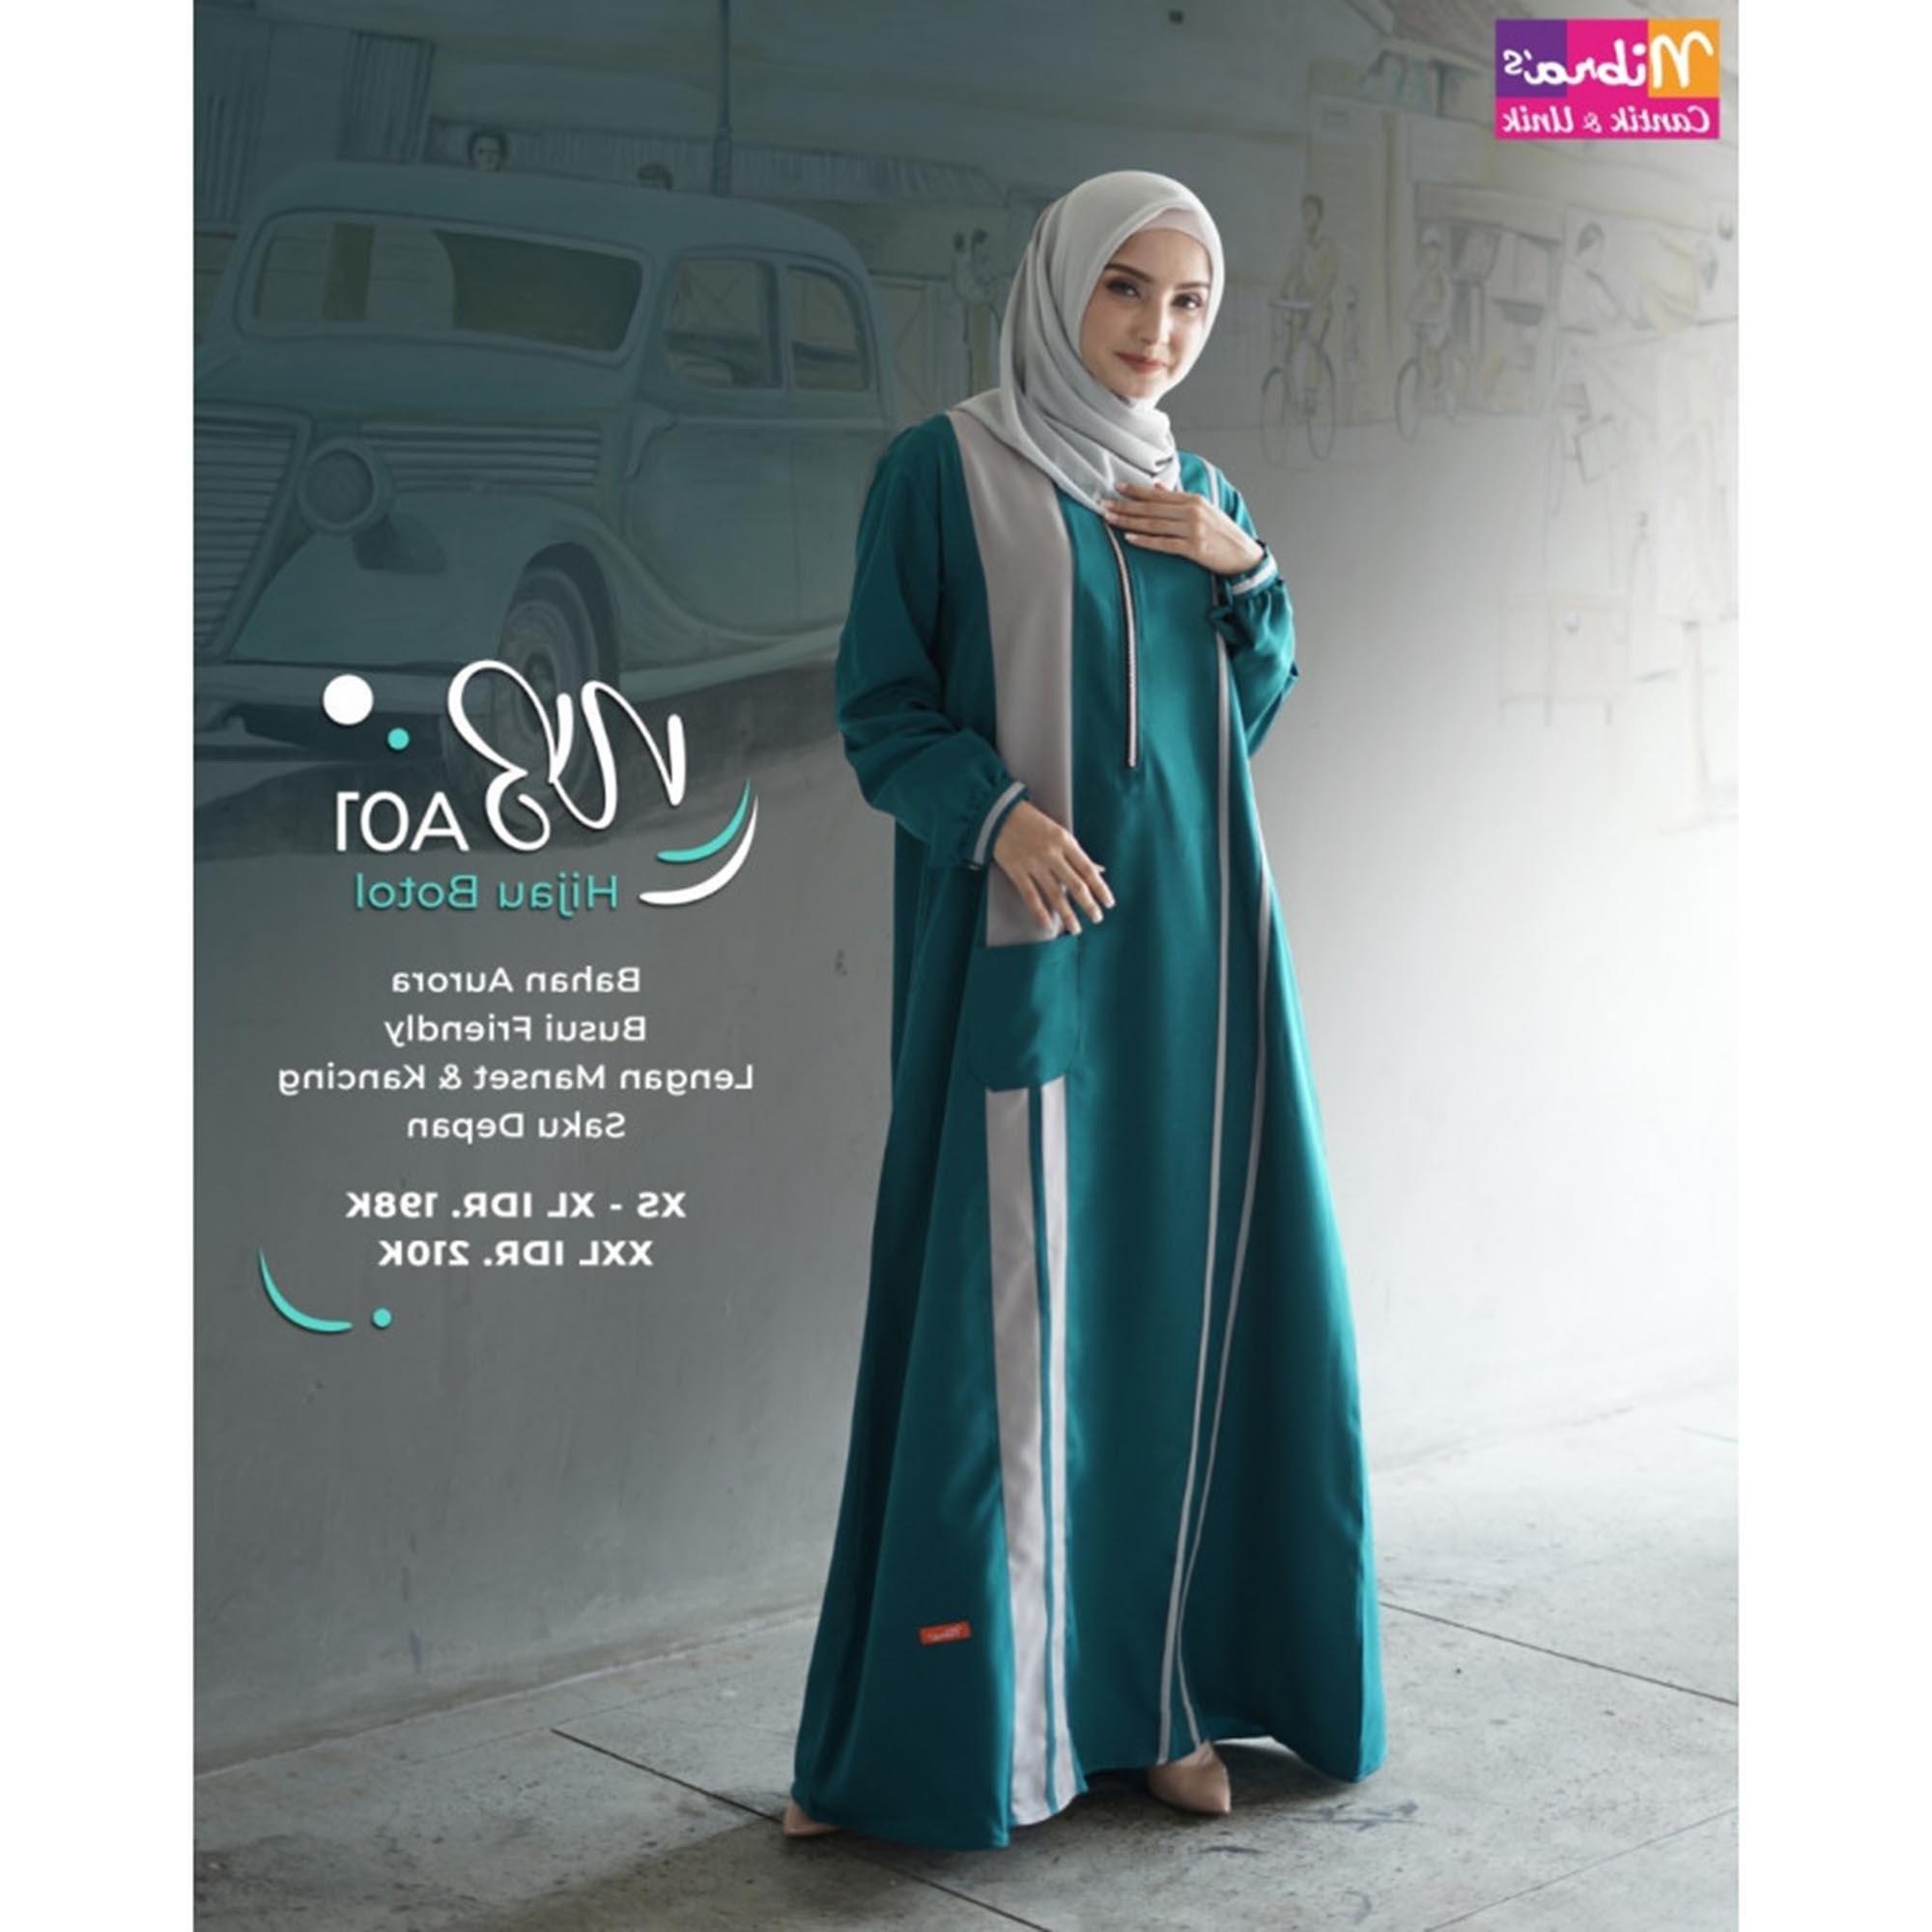 Bentuk Gamis Untuk Seragam Pernikahan Zwdg Baju Lazada Inspiratif Pakaian Fice Look Wanita – Photo